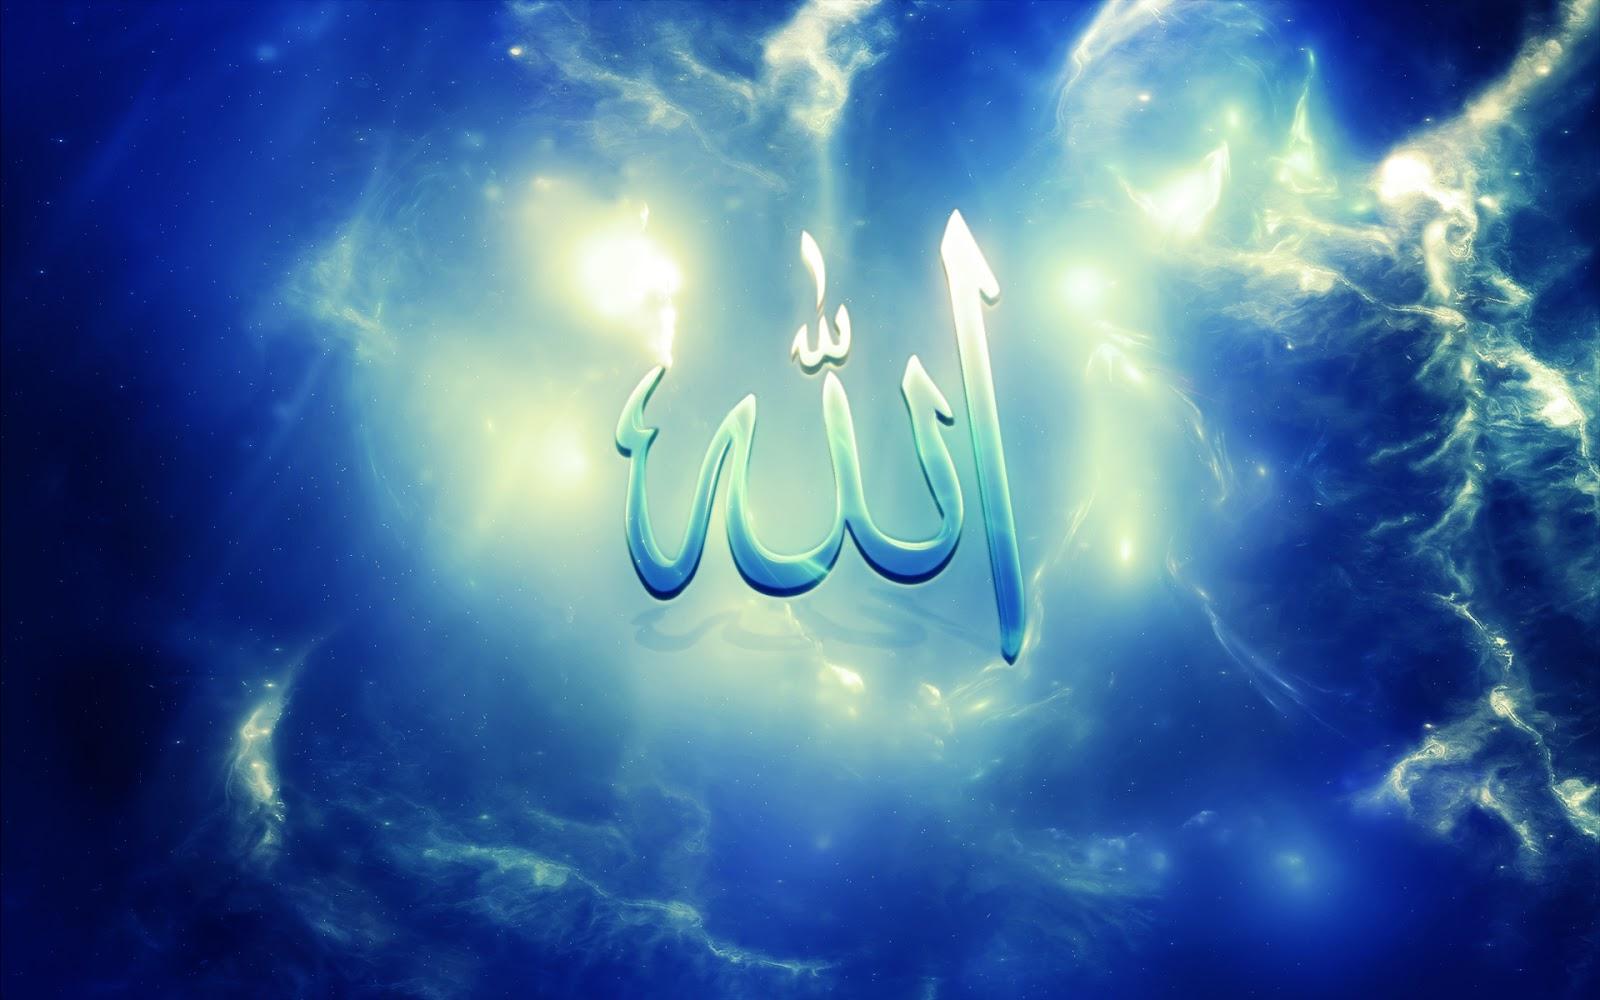 Представление о Боге в Исламе. Его атрибуты и Его единство